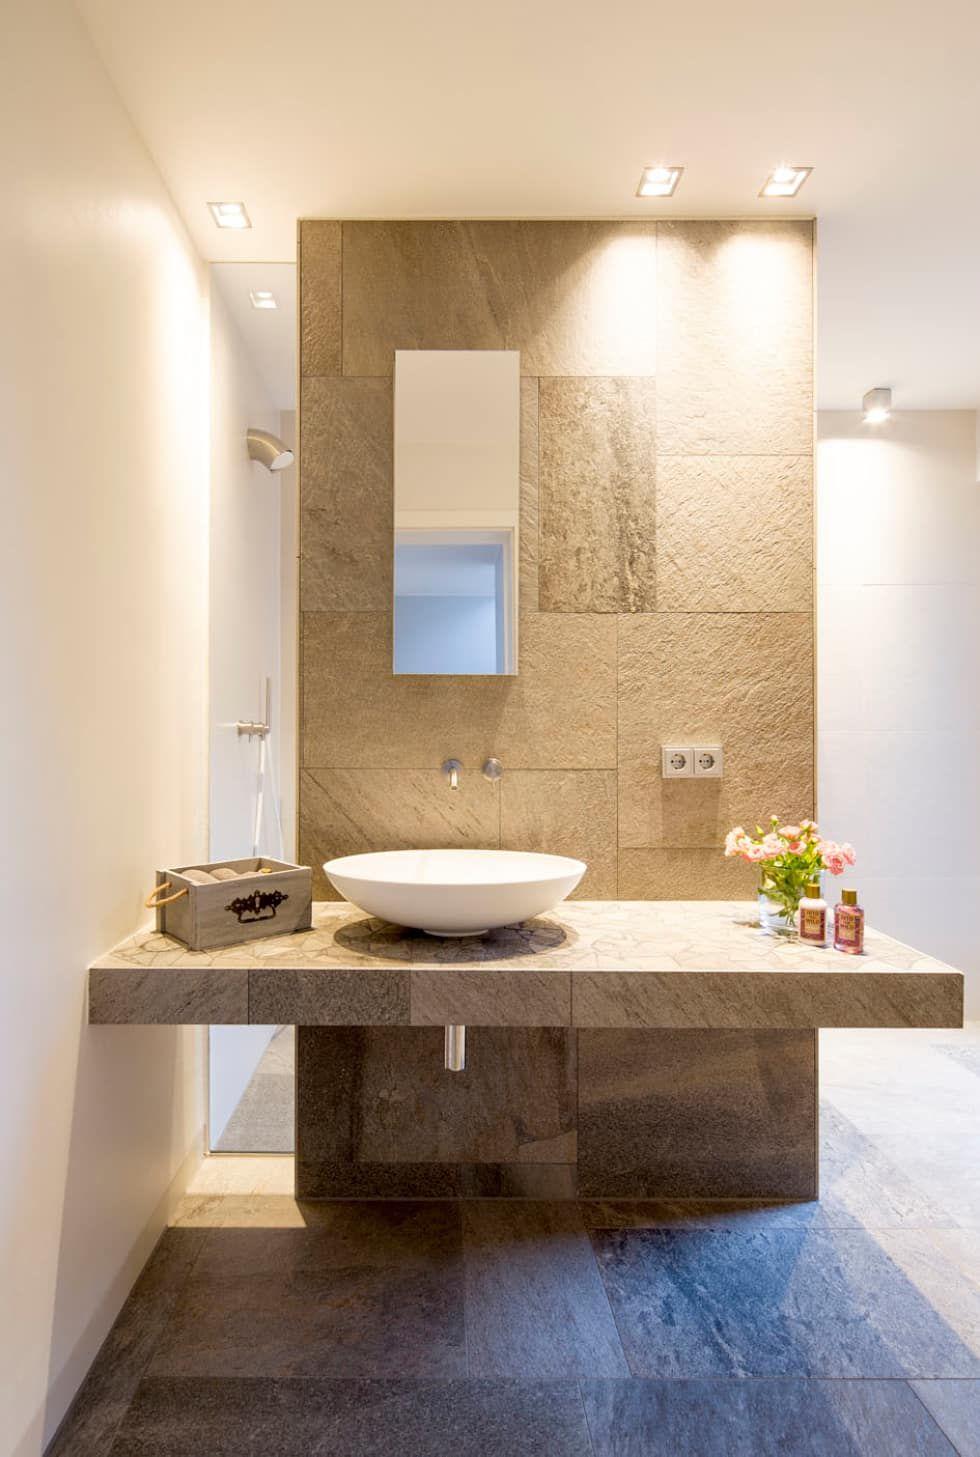 Badezimmer ideen große fliesen große fliesen für das bad  ideen rund ums haus  pinterest  bath